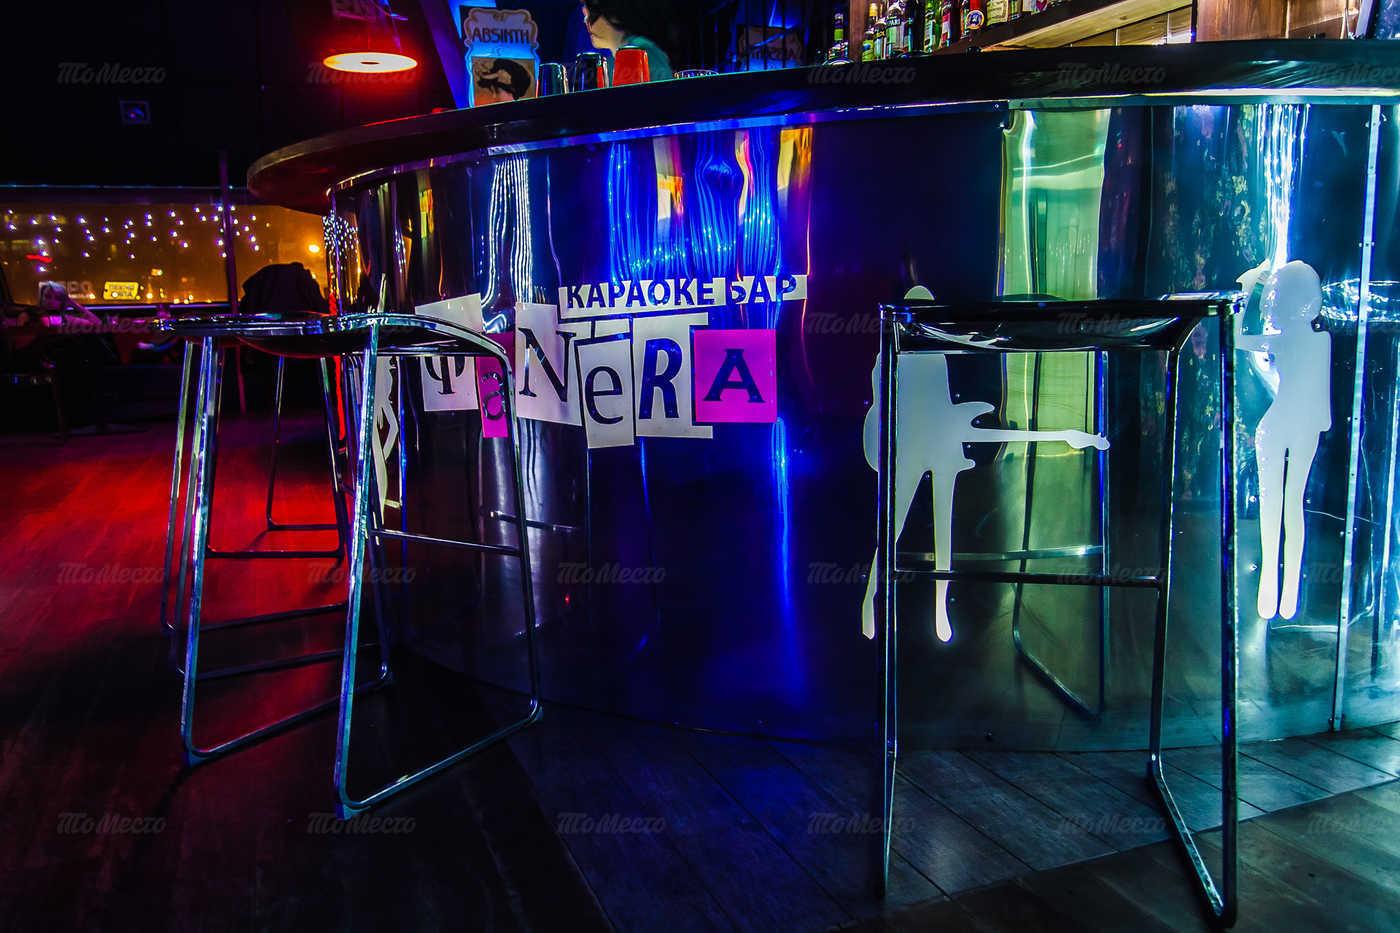 Караоке клуб Фанера на проспекте Испытателей фото 3